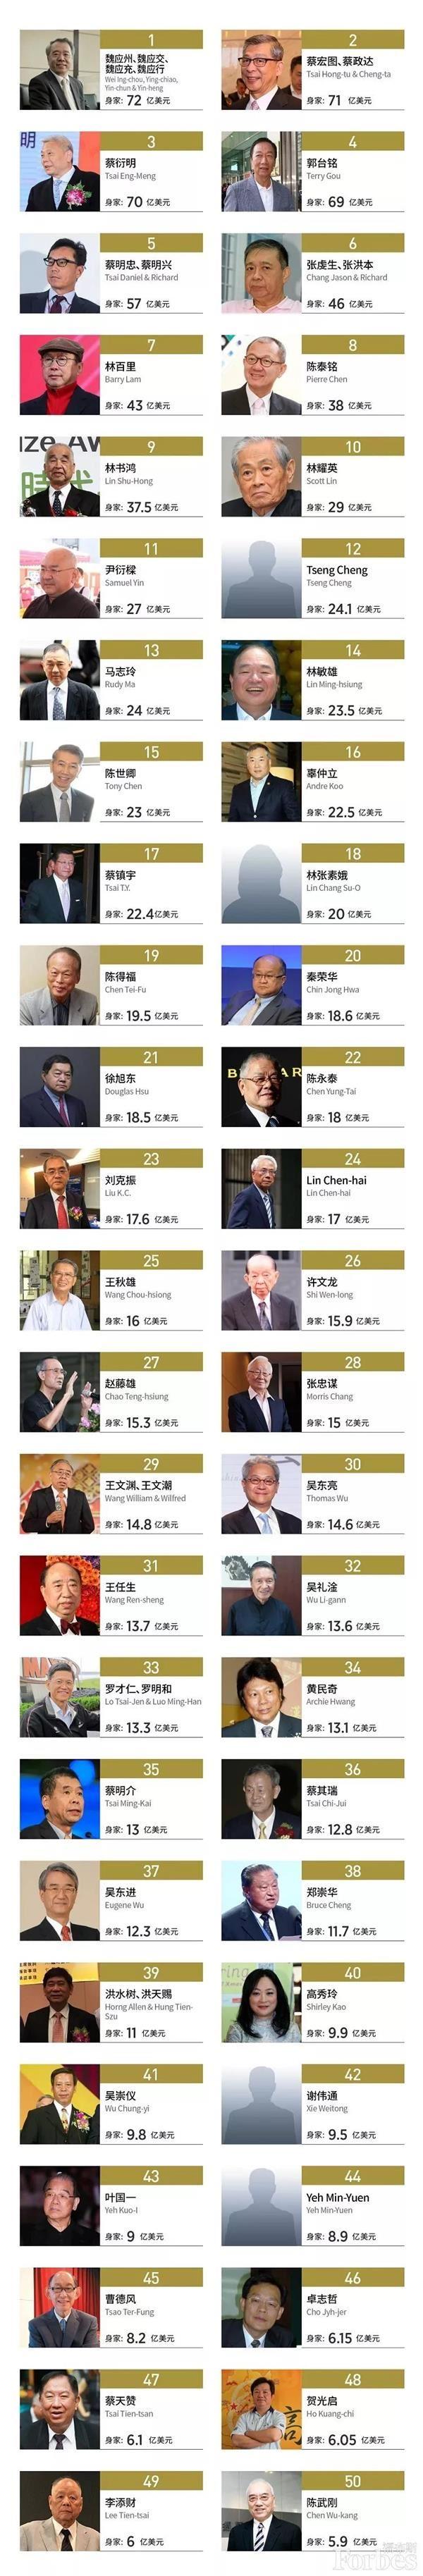 福布斯发布中国台湾富豪榜 郭台铭跌出前三插图